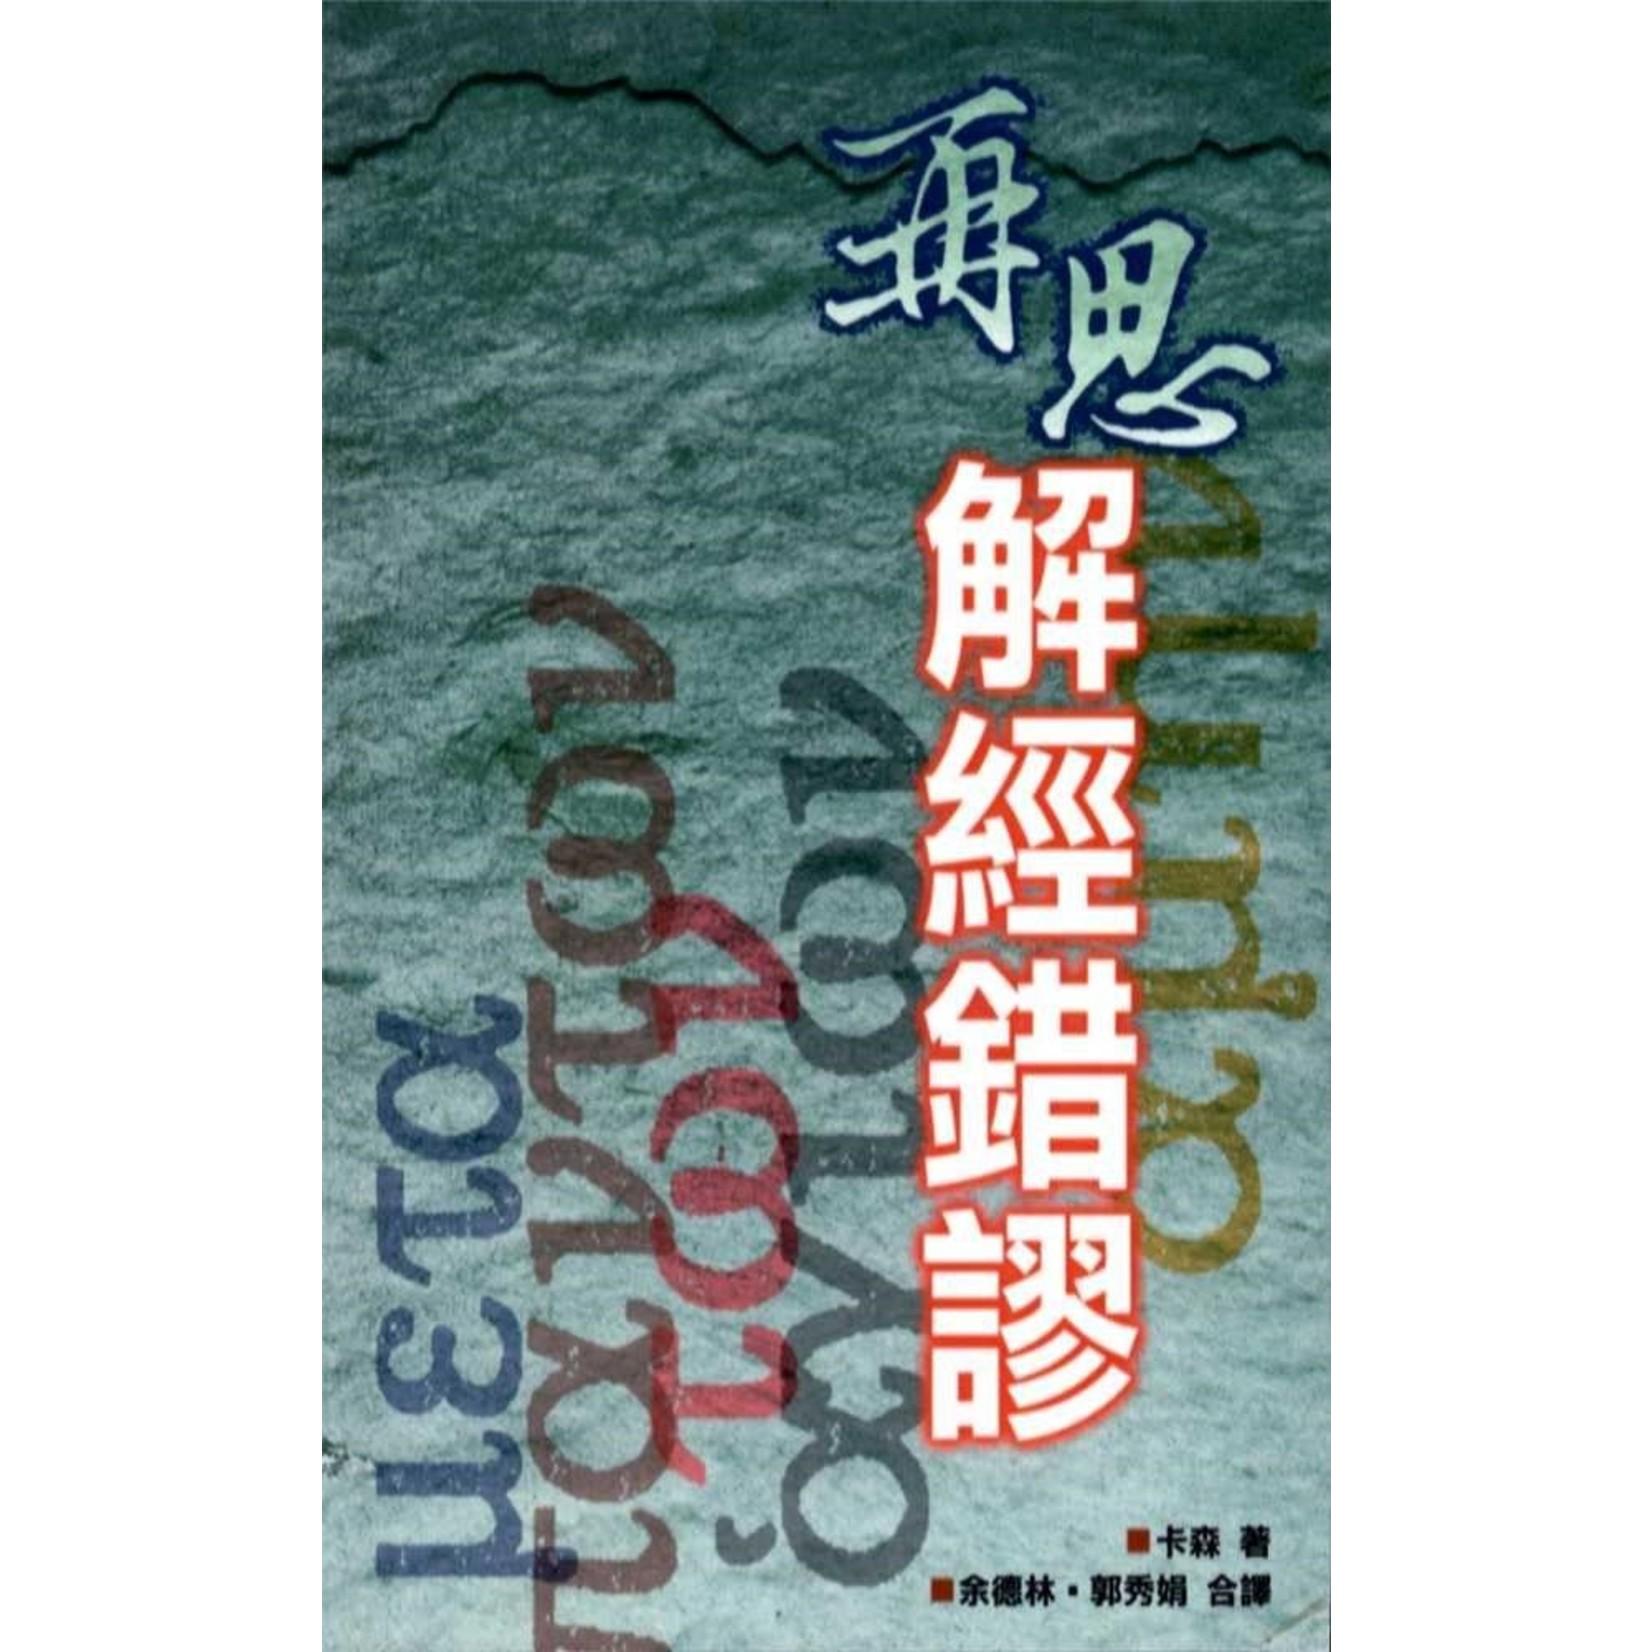 校園書房 Campus Books 再思解經錯謬 Exegetical Fallacies